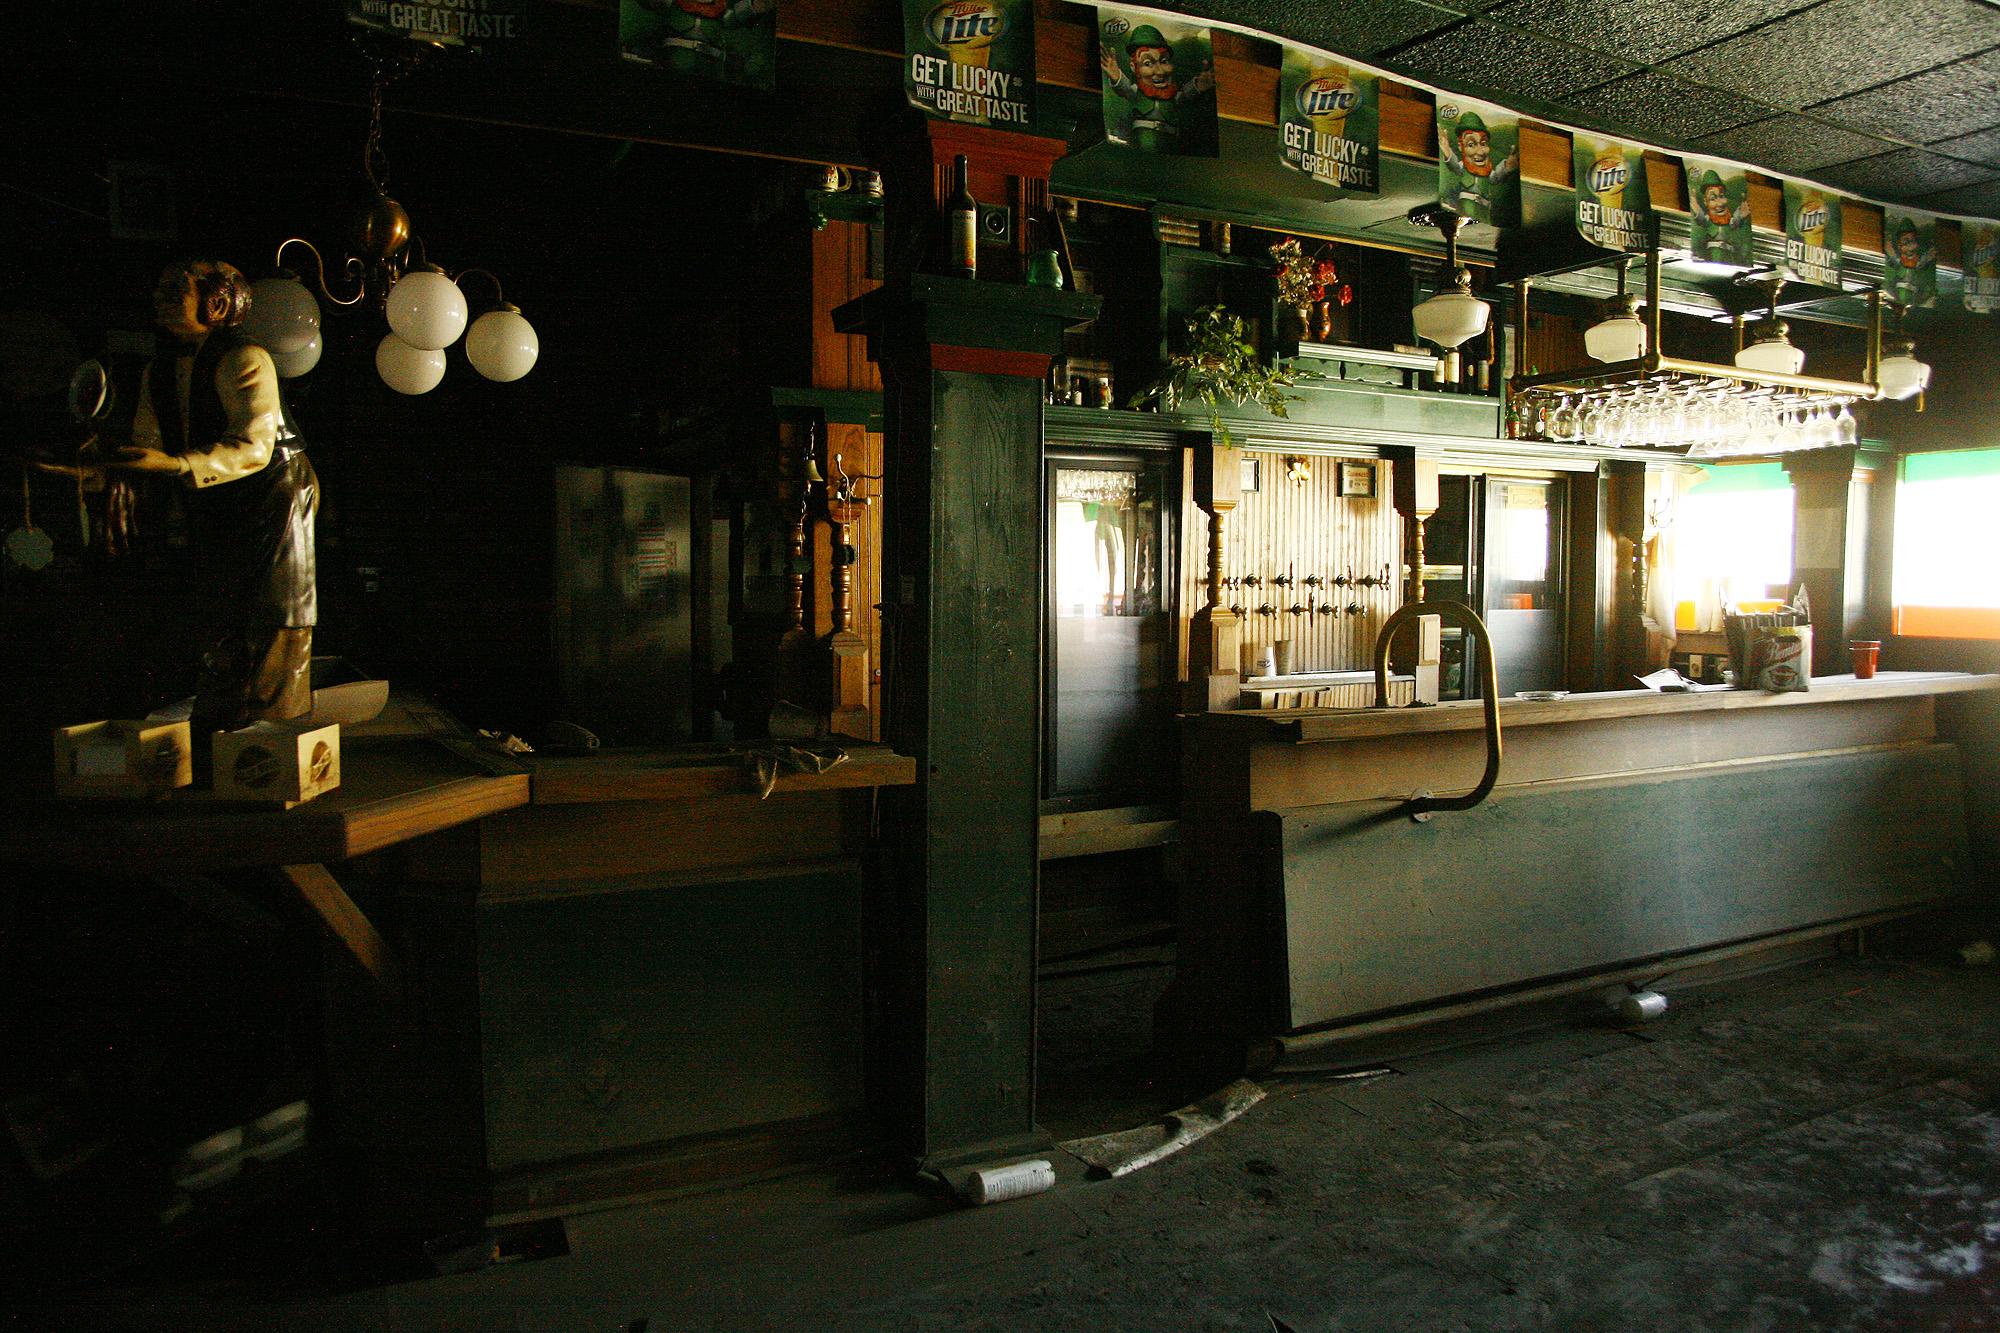 Ebeneezer's Eatery & Irish Pub